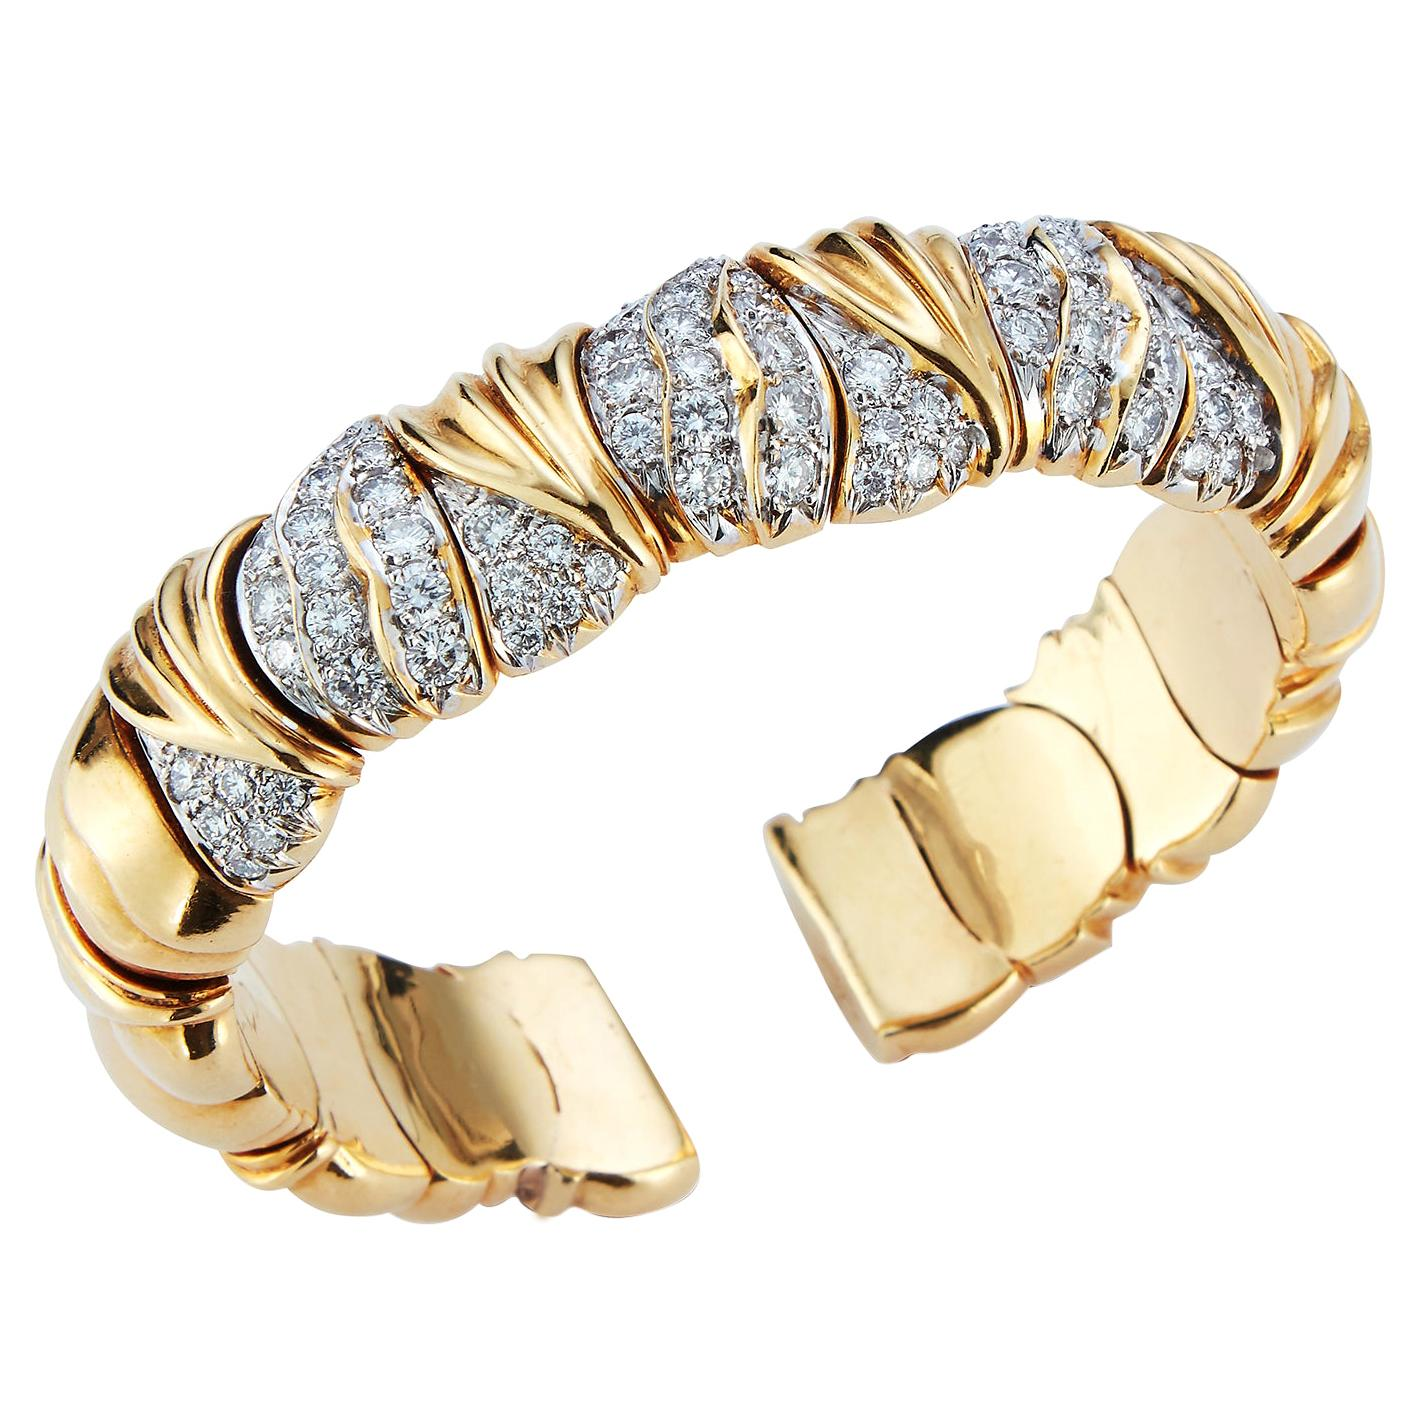 Gold & Diamond Bangle Bracelet